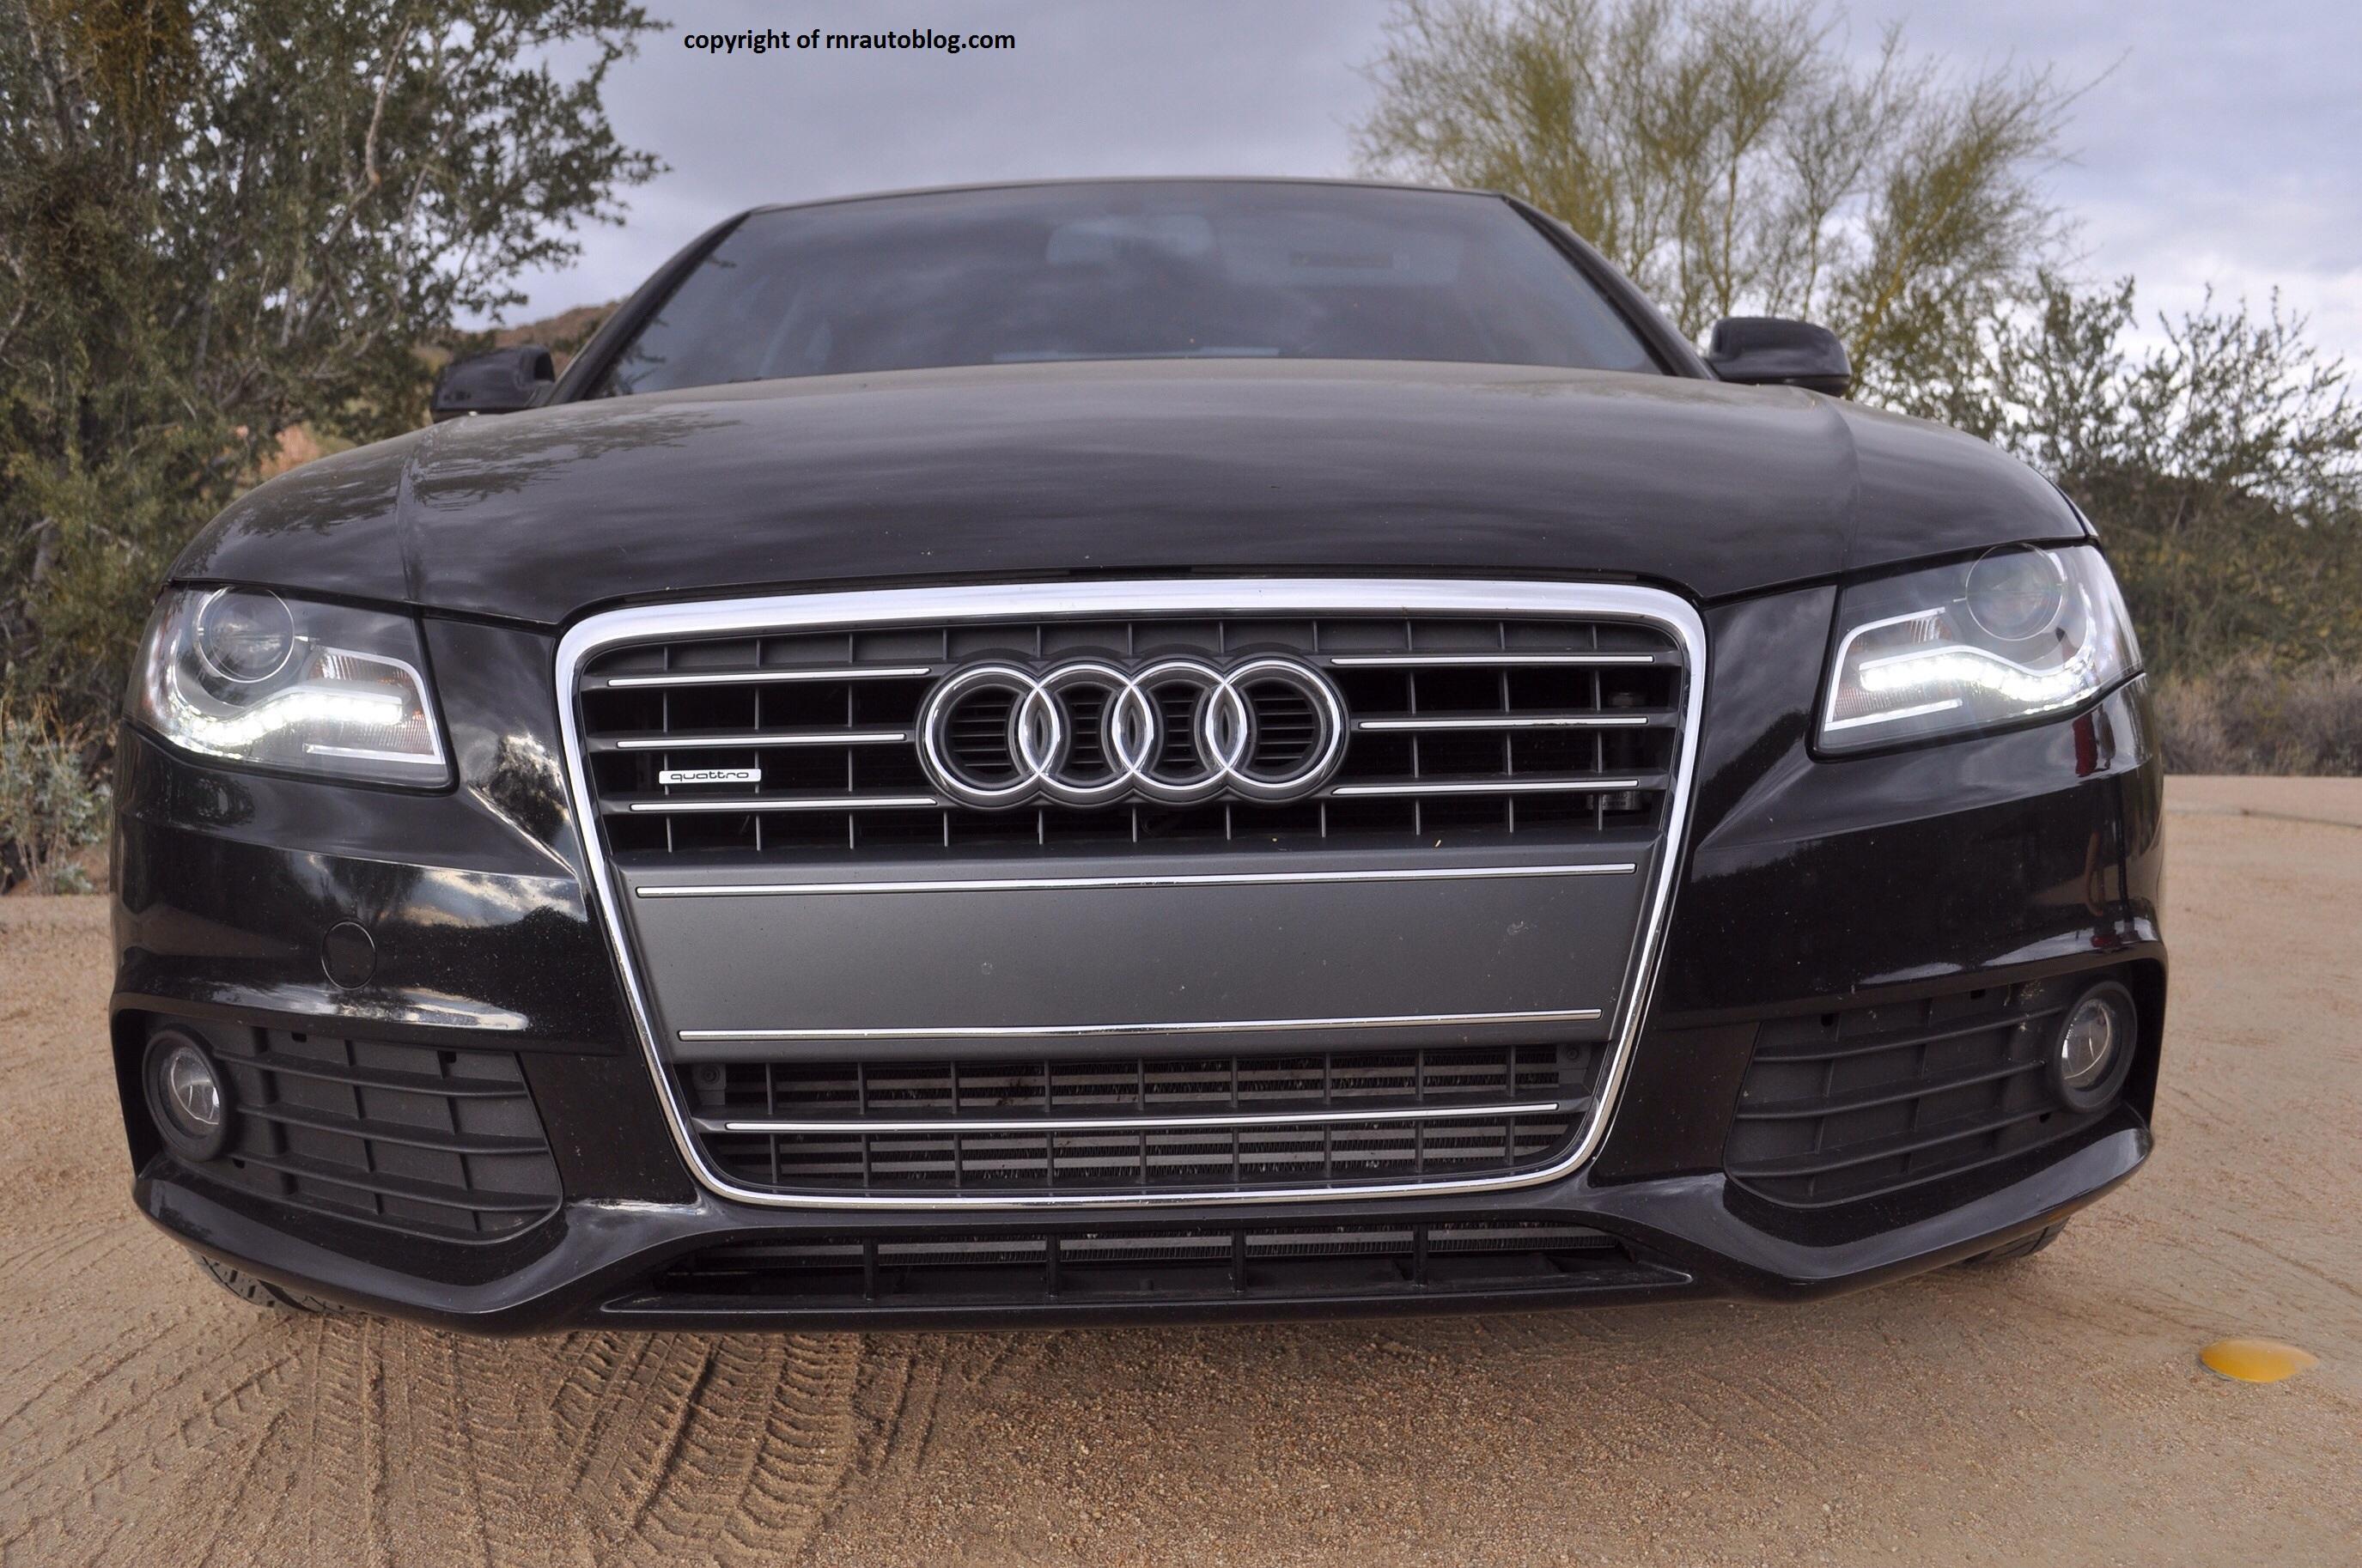 2011 audi a4 prestige review rnr automotive blog